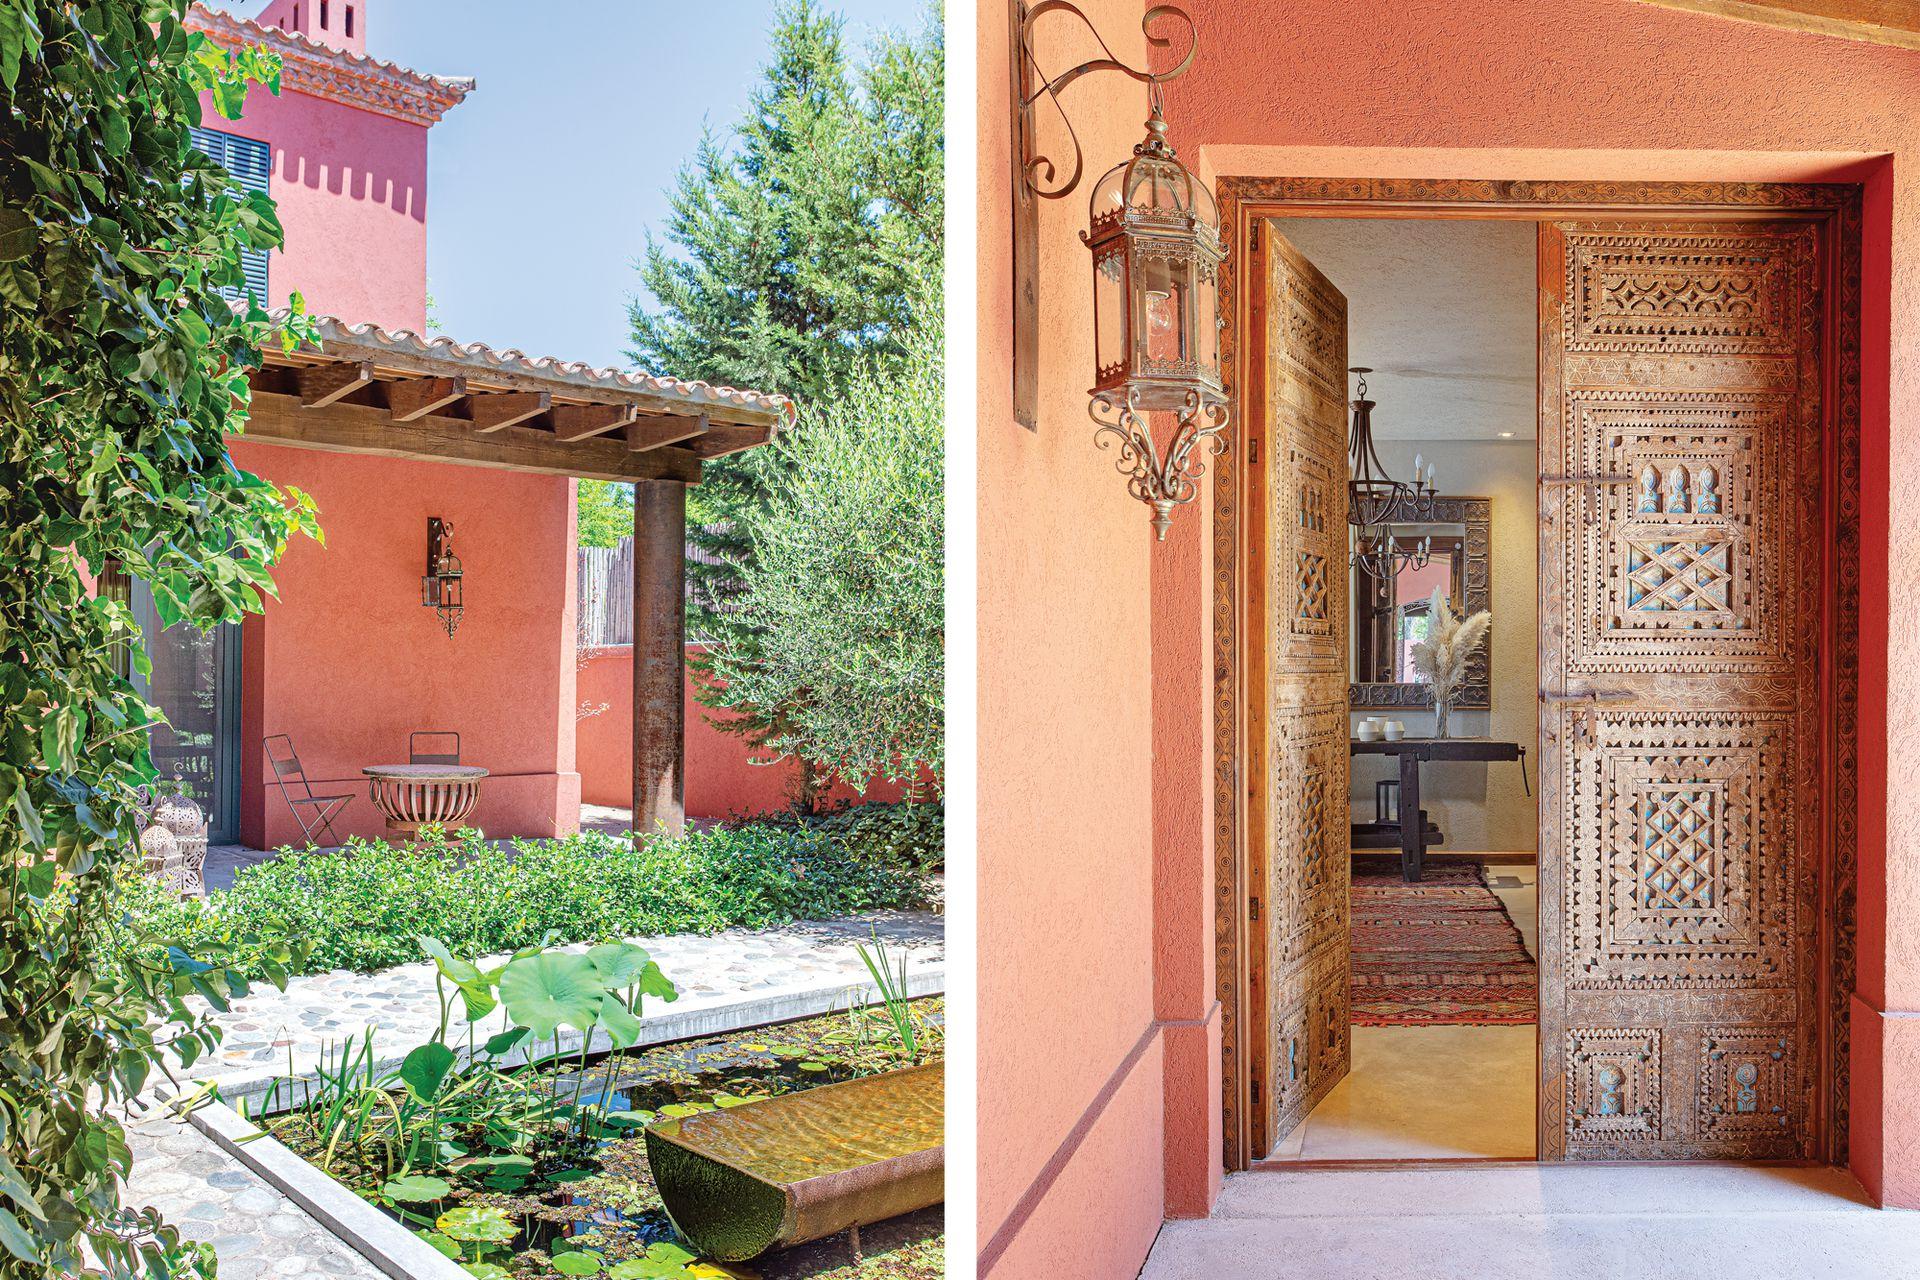 El patio de entrada se abre a un estanque con bebedero, copia del que está en el estudio Ricardo Pereyra Iraola, arquitectura y paisaje. Faroles (Iluminación Mejía Mangudo).